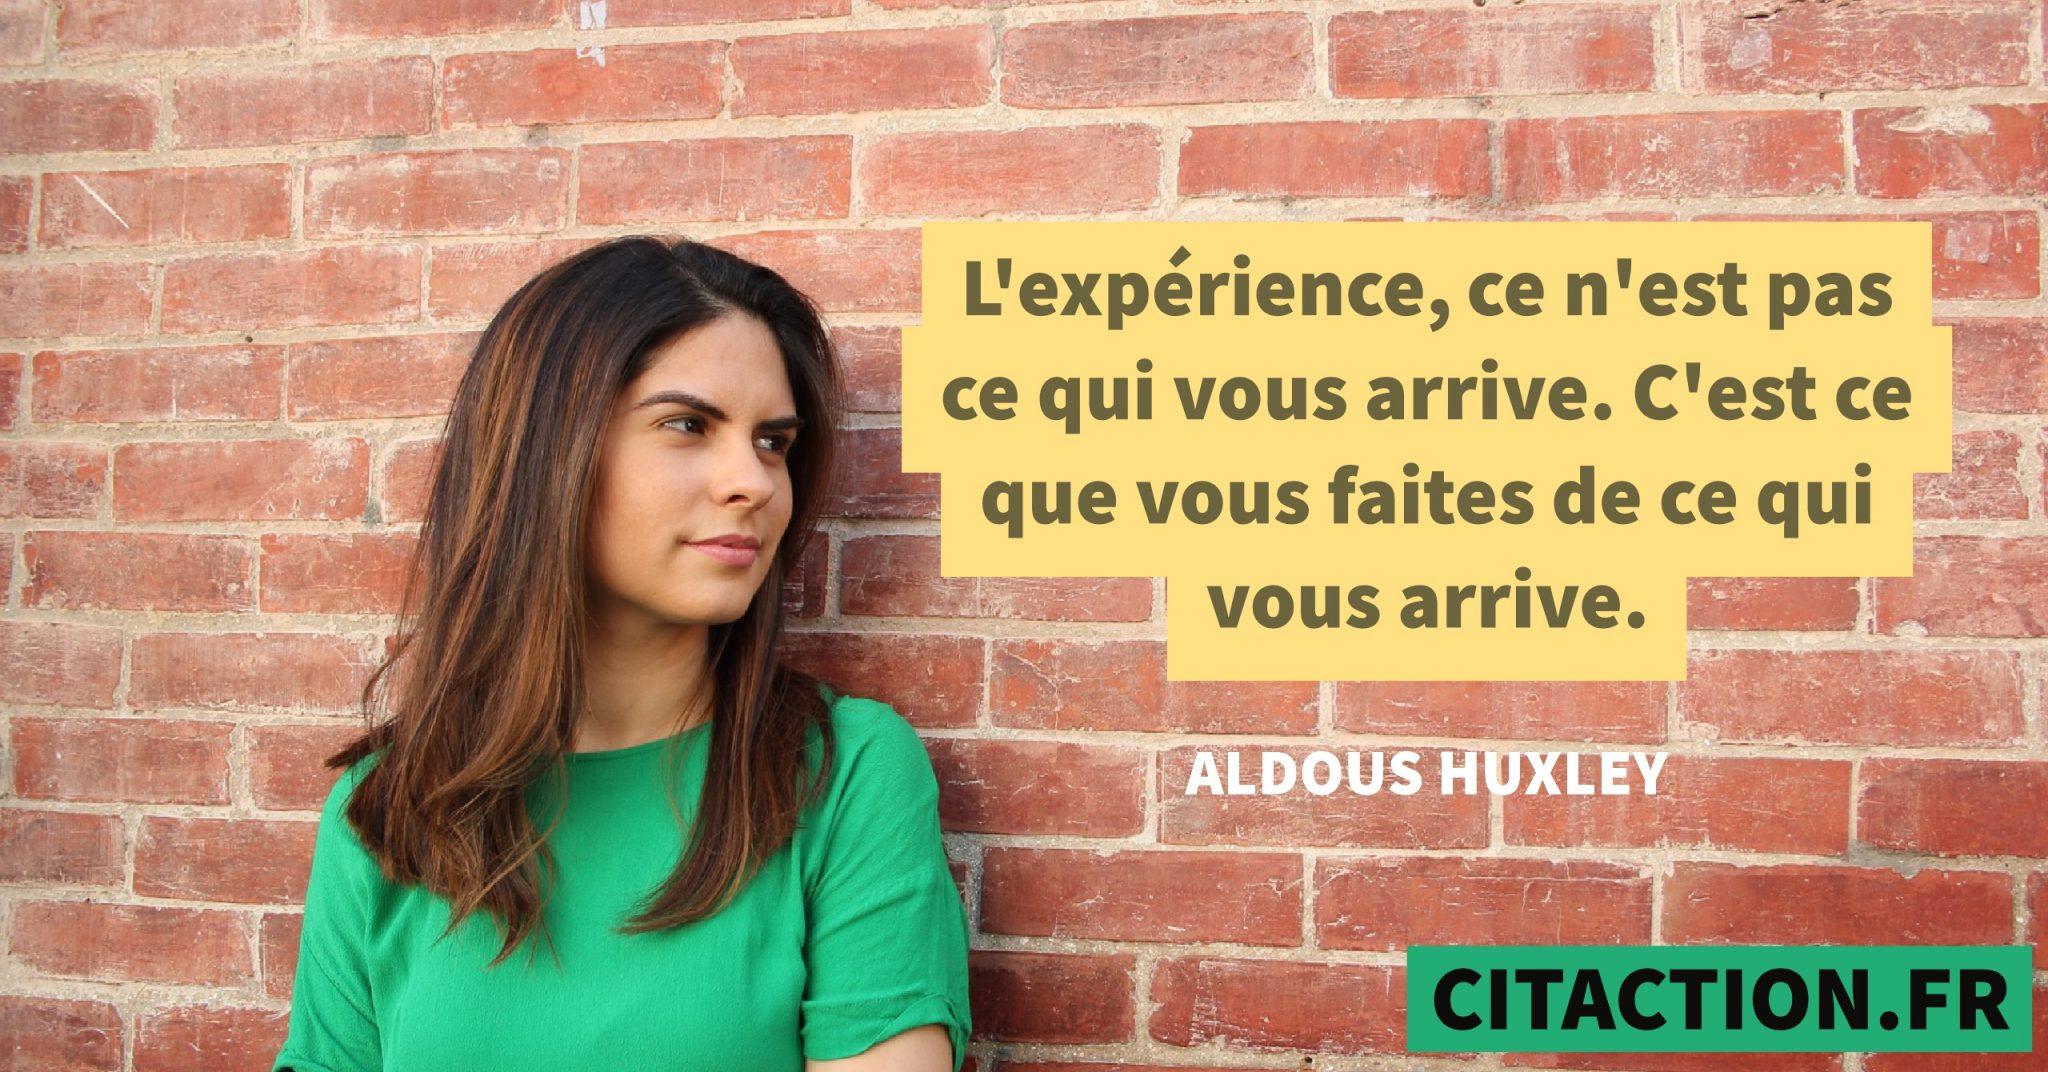 L'expérience, ce n'est pas ce qui vous arrive. C'est ce que vous faites de ce qui vous arrive.